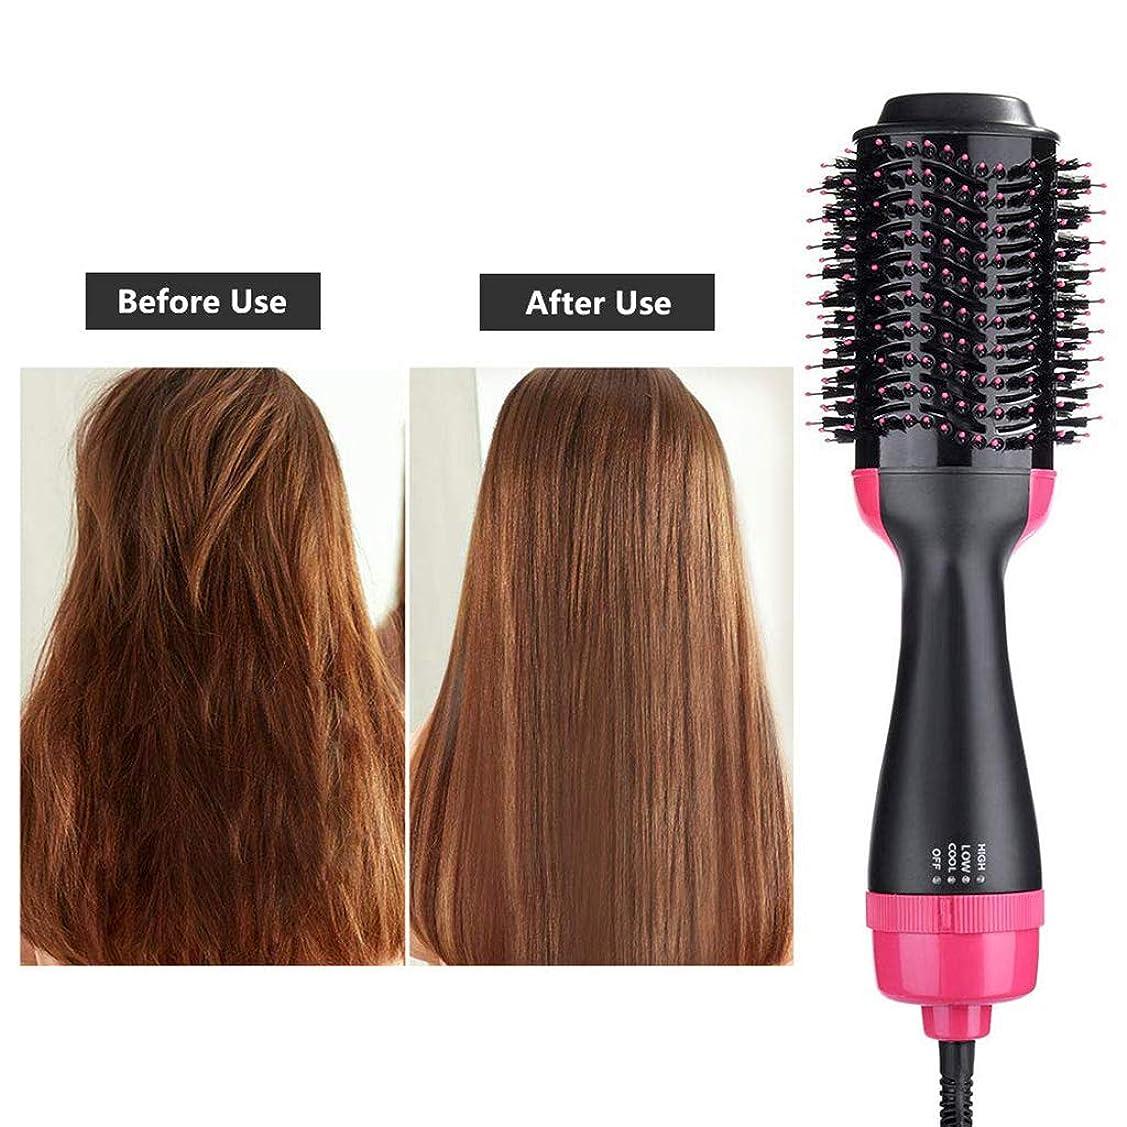 泣く取得する定常ワンステップヘアドライヤーコーム、3-1 - 多機能イオン矯正機カーラーカーラーすべての髪の種類に適したホットエアーコーム